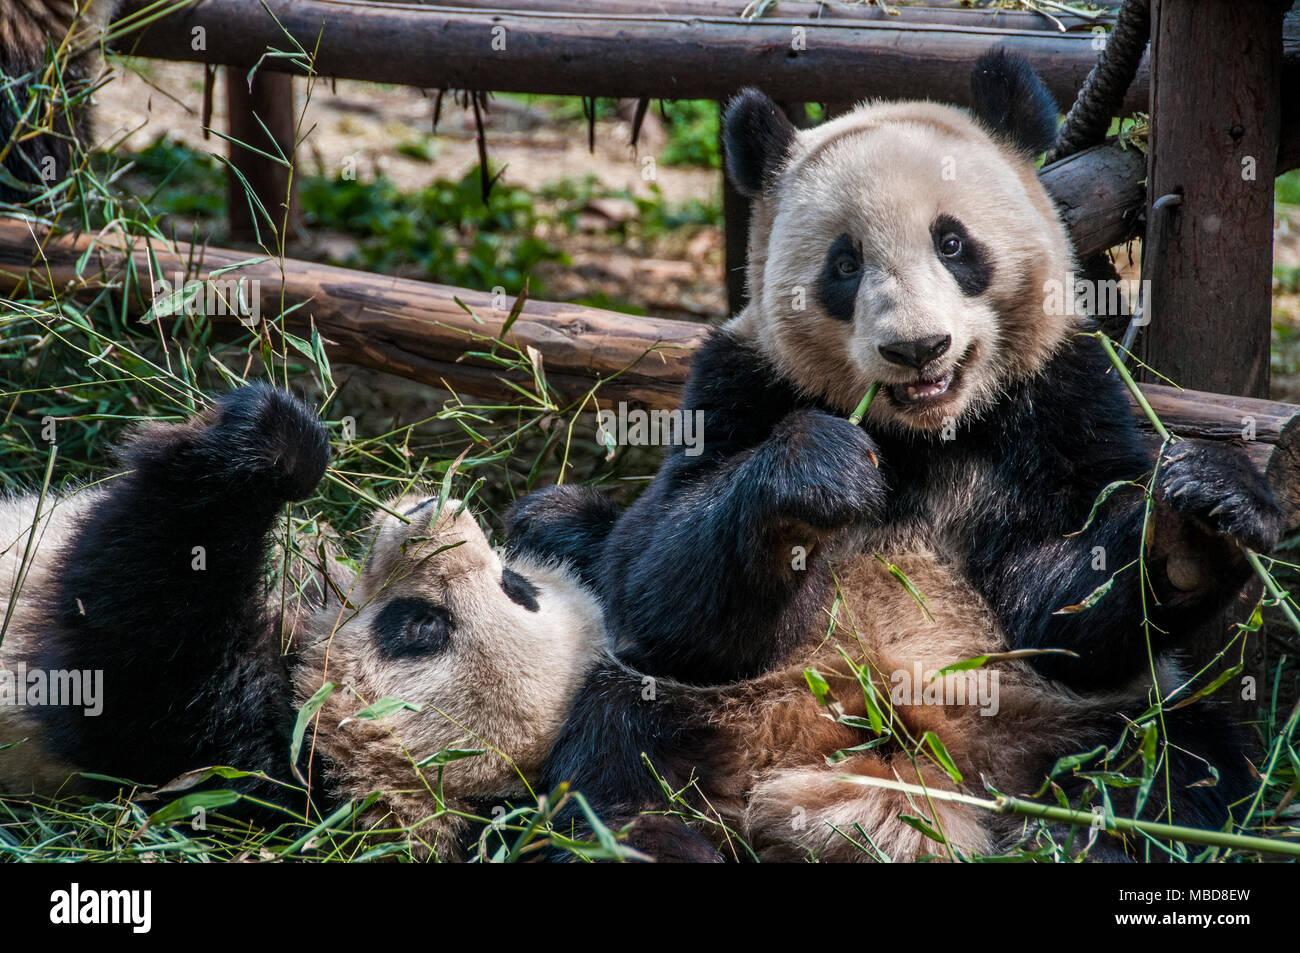 Ein riesiger Panda in einem Gehäuse in Chengdu Panda Forschungs- und Aufzuchtstation in China Stockbild